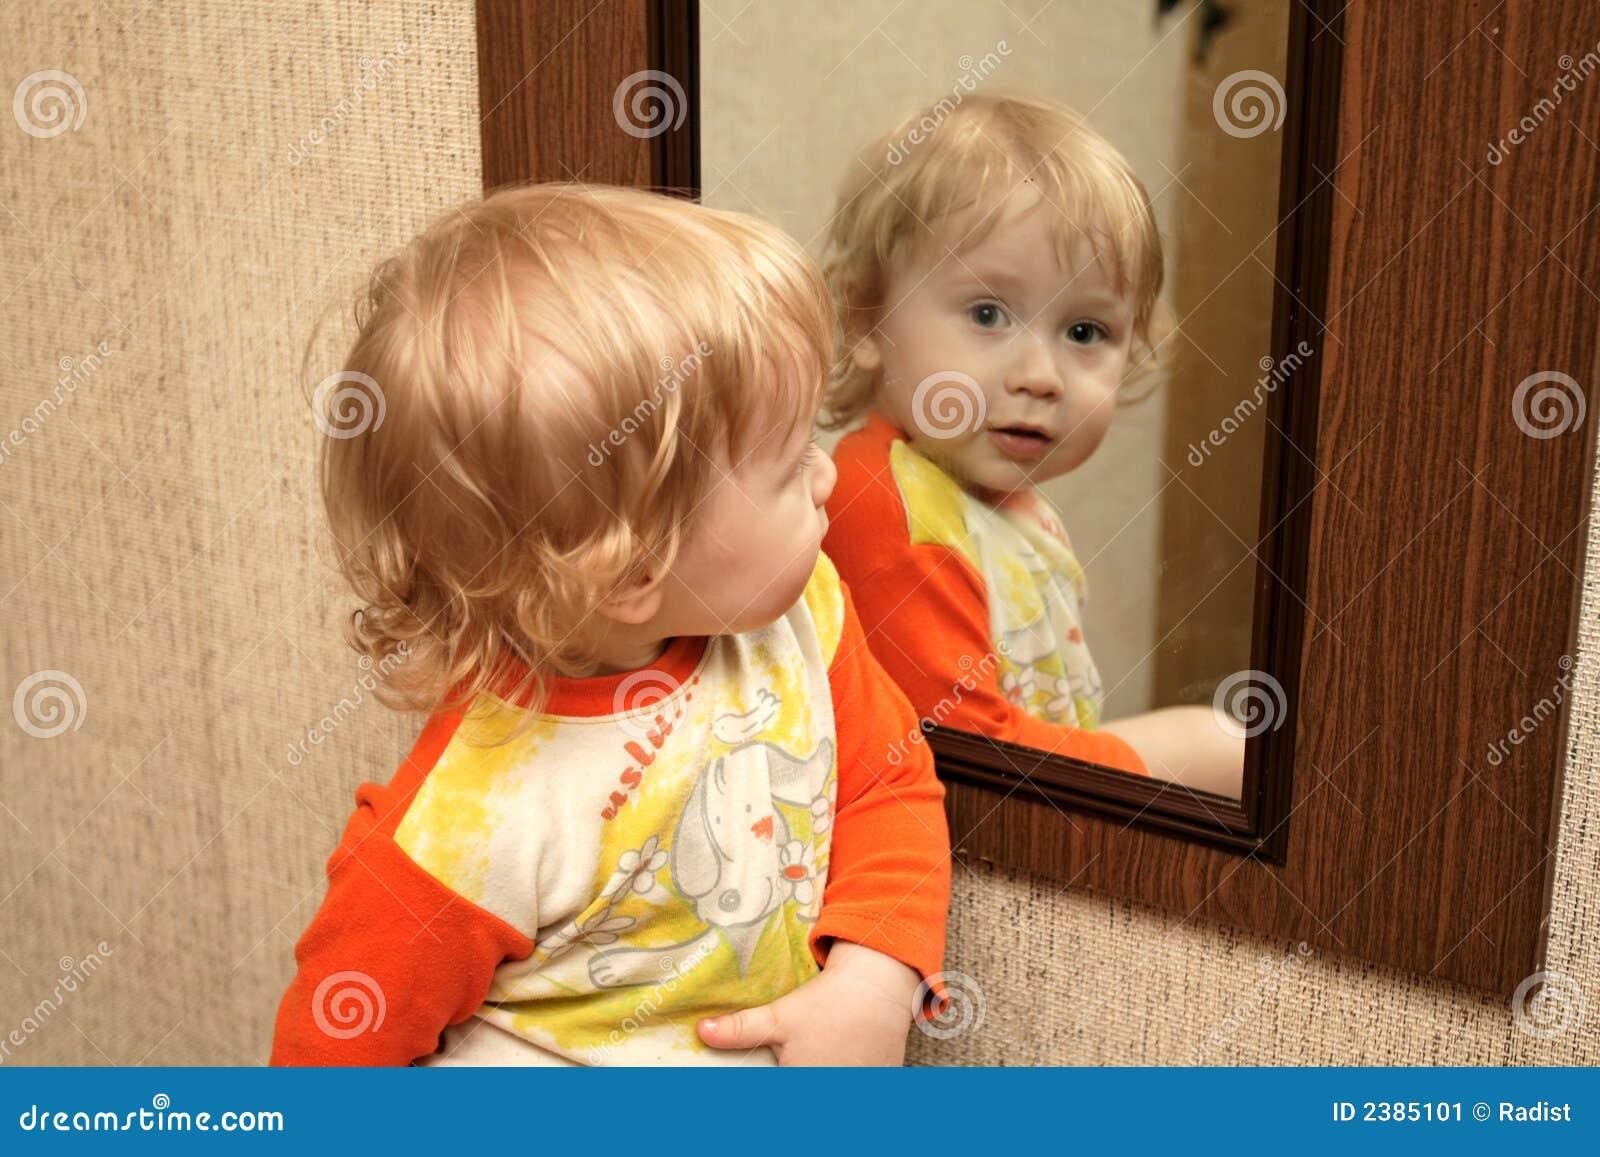 Kind mit spiegel stockbild bild 2385101 for Spiegel kinderzimmer junge